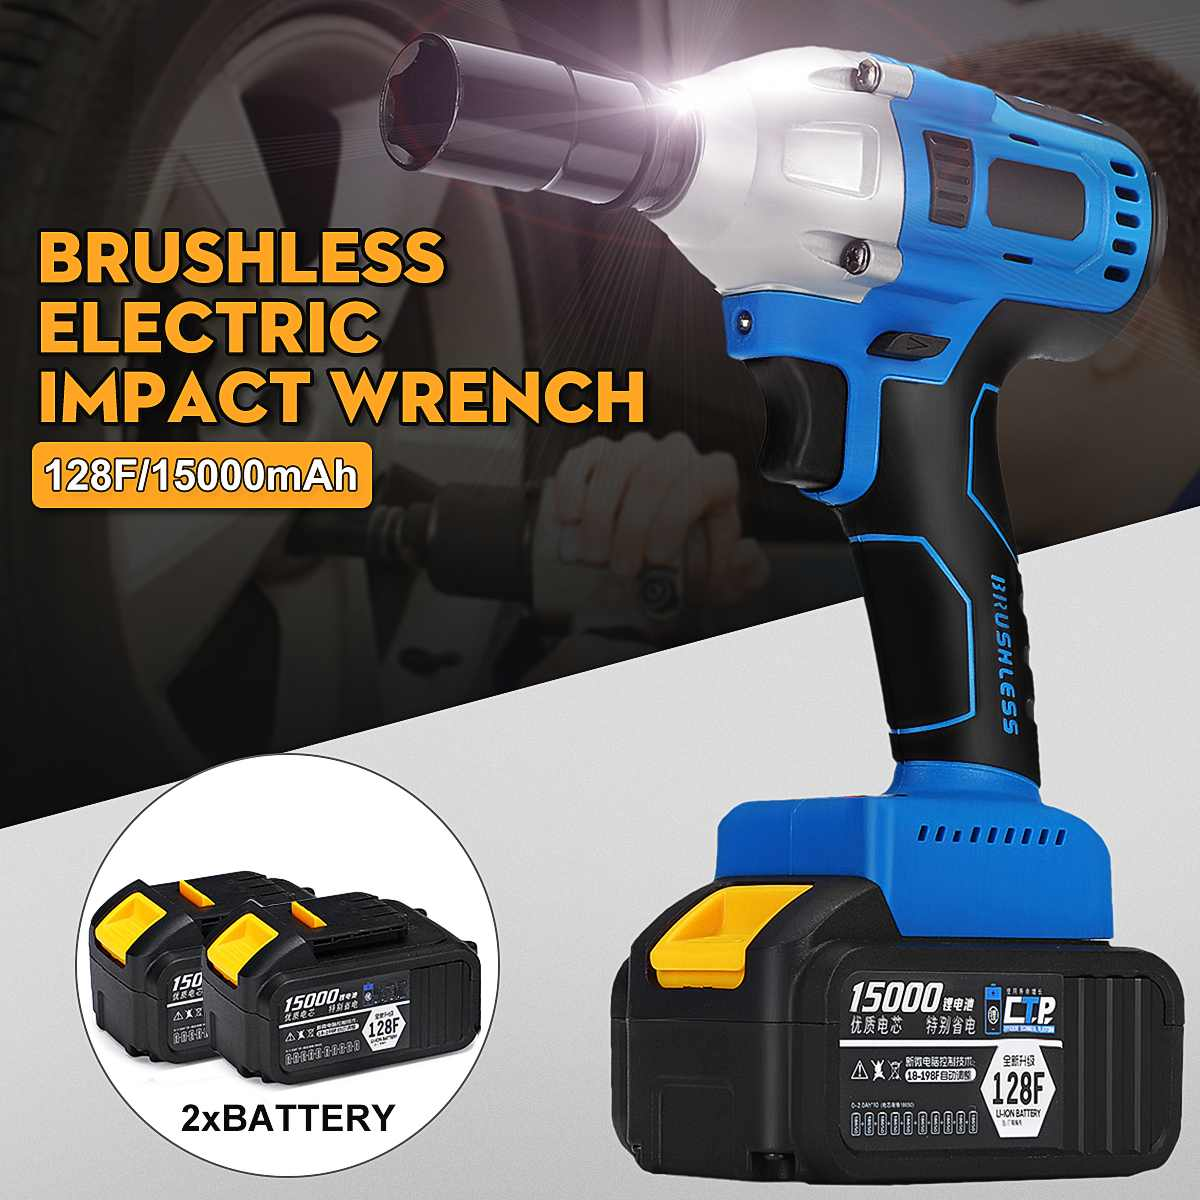 128/188/208F 30000 mAh Brushless 1/2 Ferramenta de Tomada de Chave de Impacto Sem Fio chave de Fenda Elétrica 220 V Com 2 pilhas Luzes LED